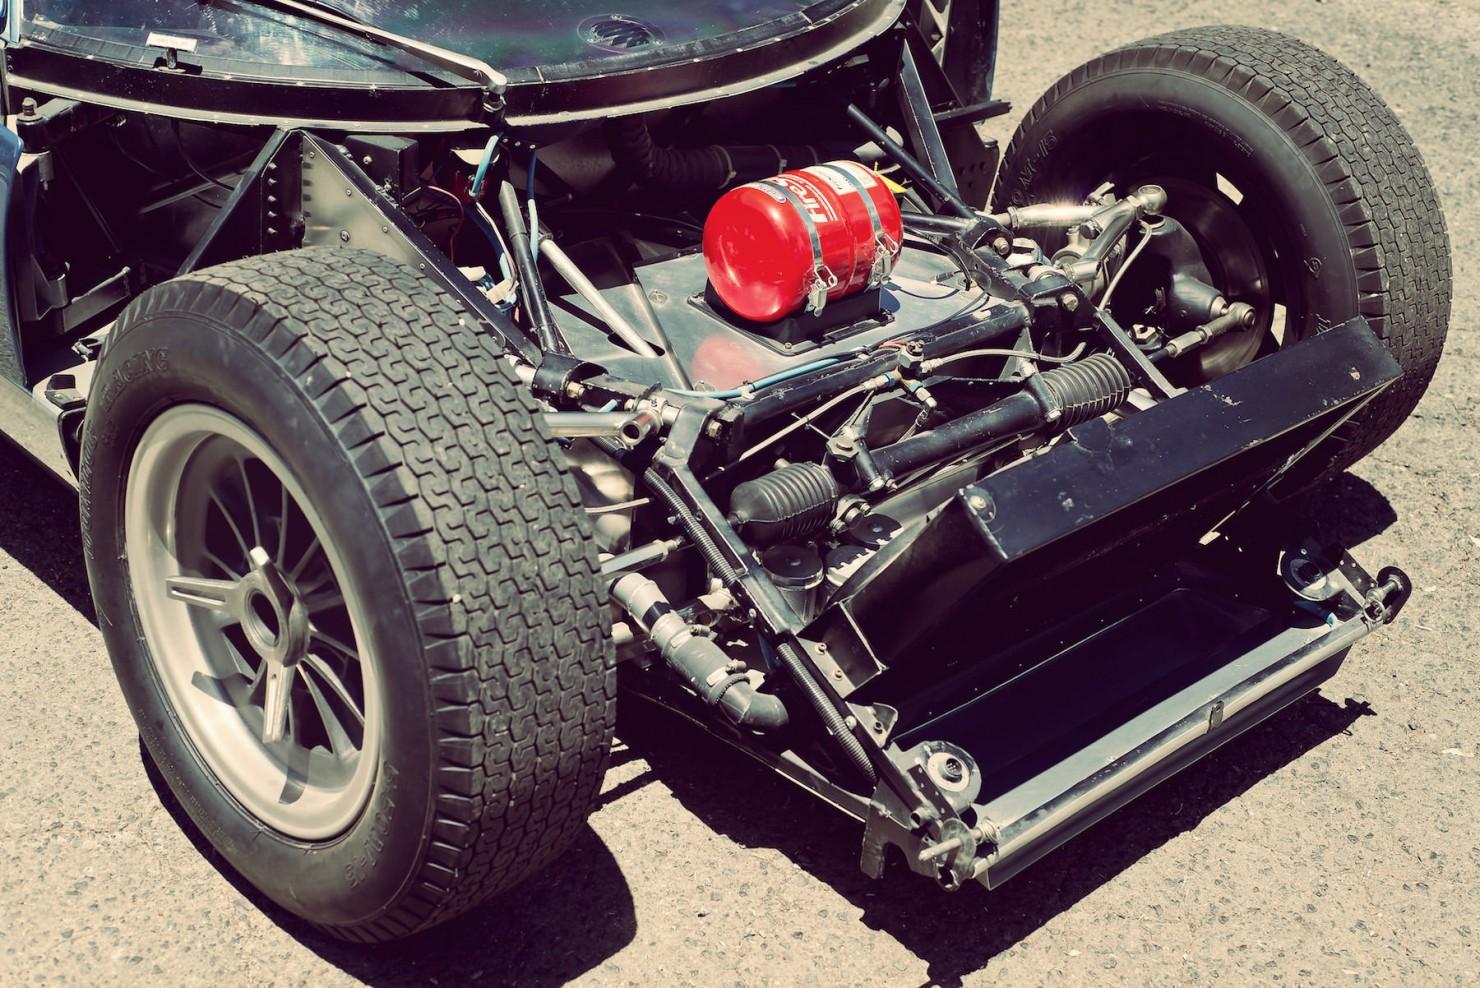 Lola_MK6_GT_Car_11